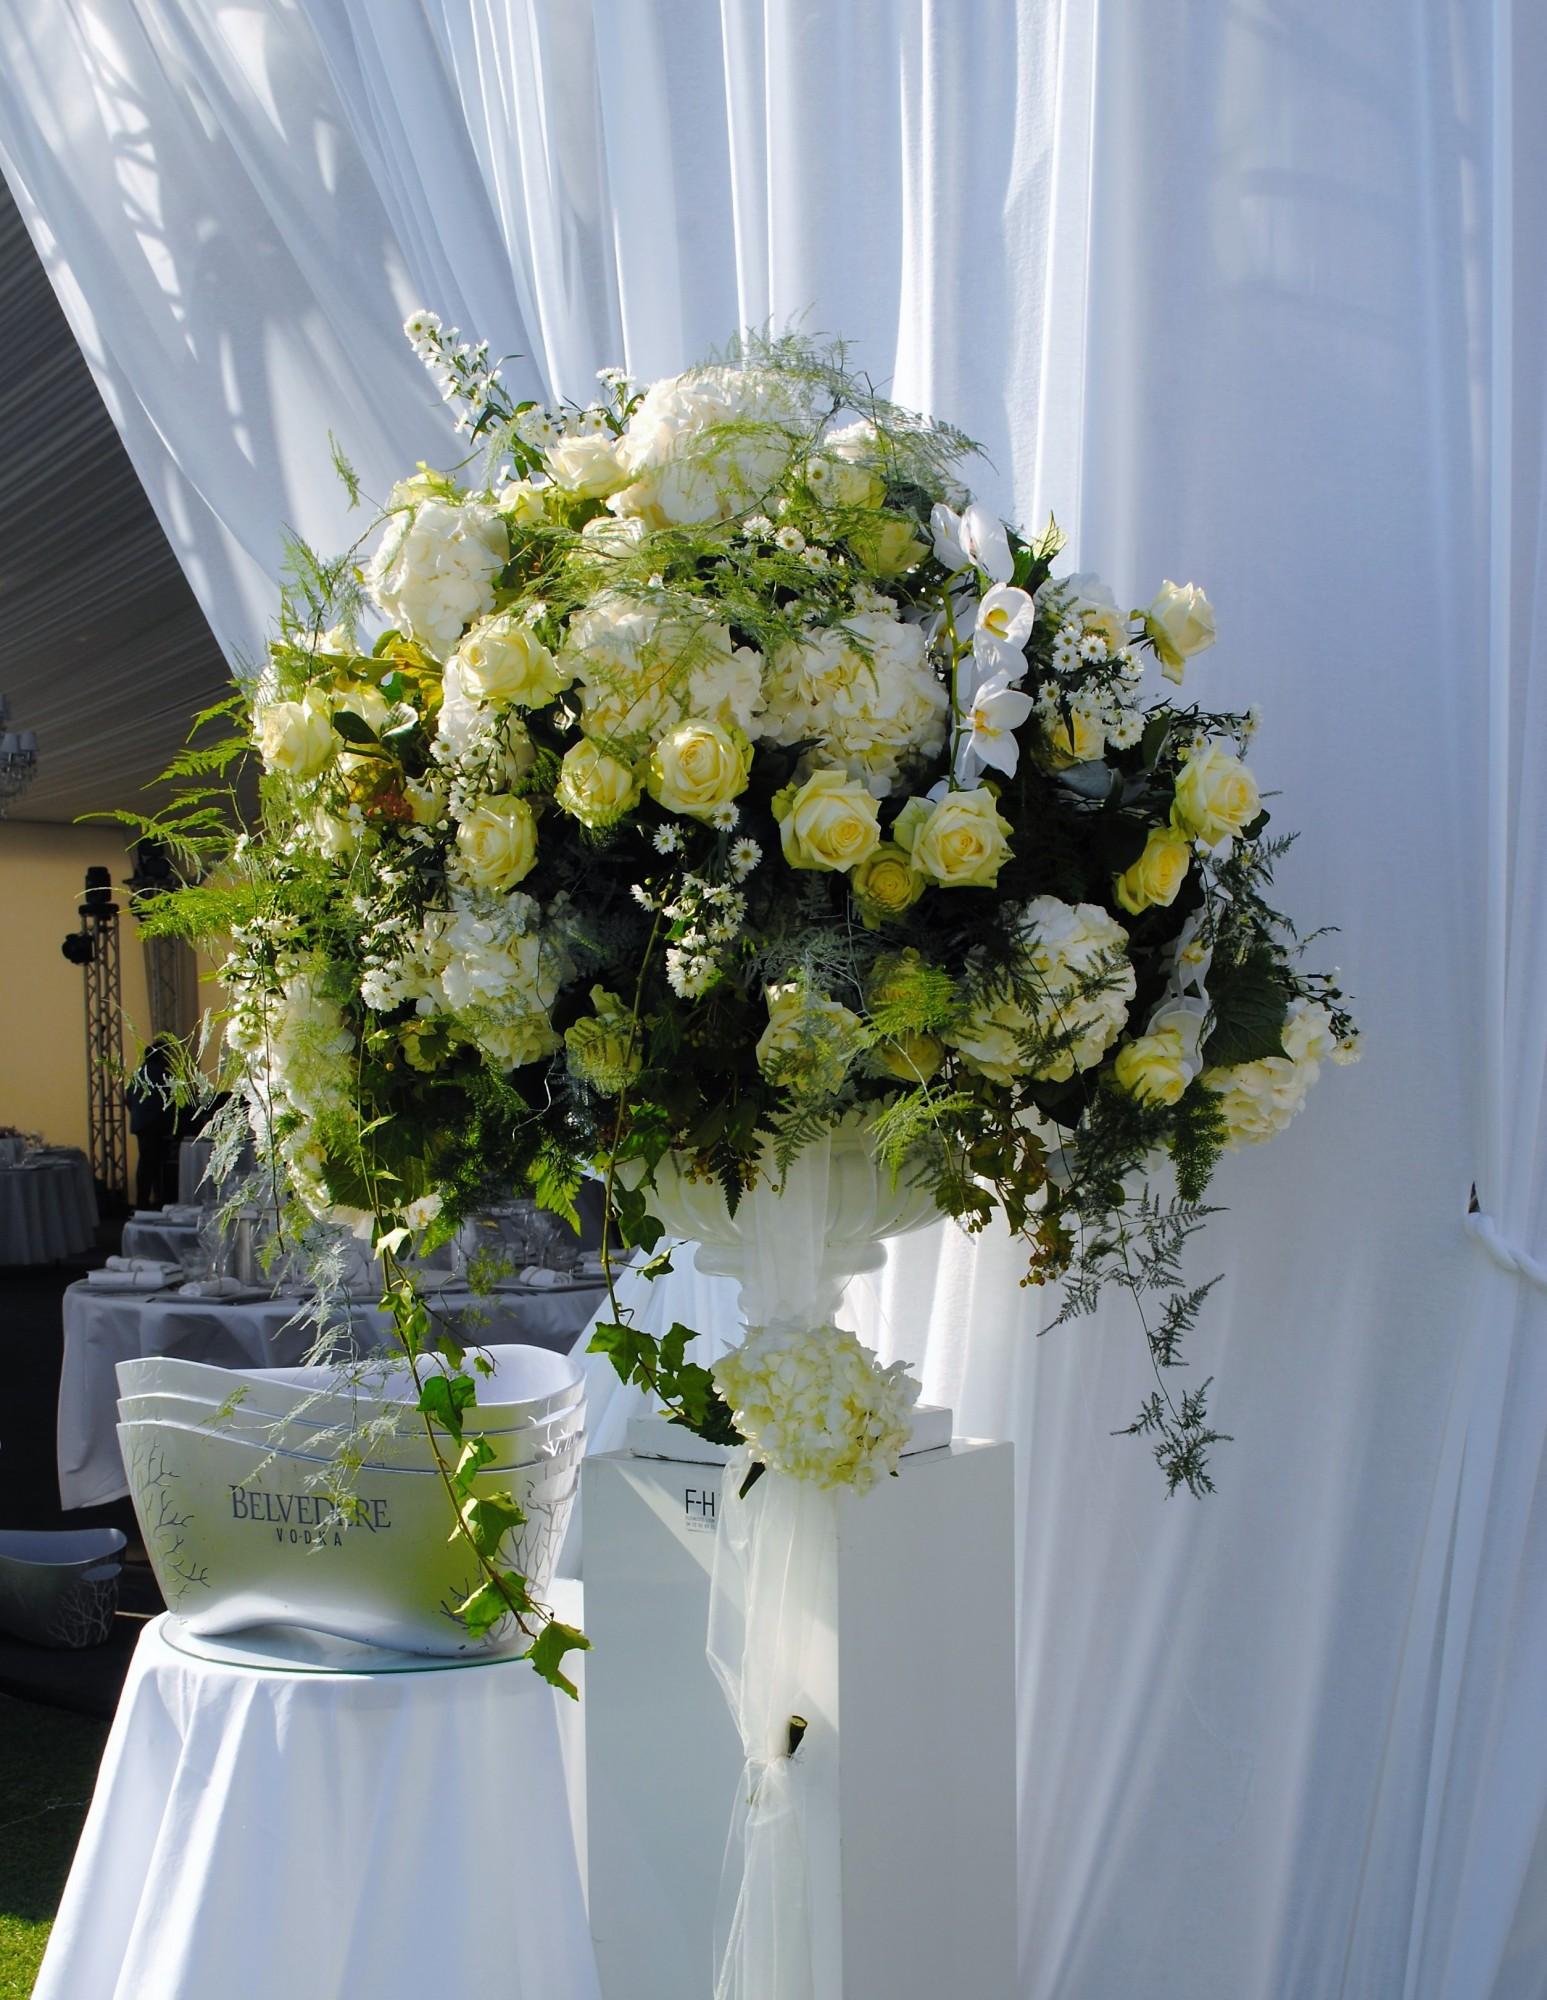 D coration florale pour mariage pivoine etc for Composition florale exterieur hiver